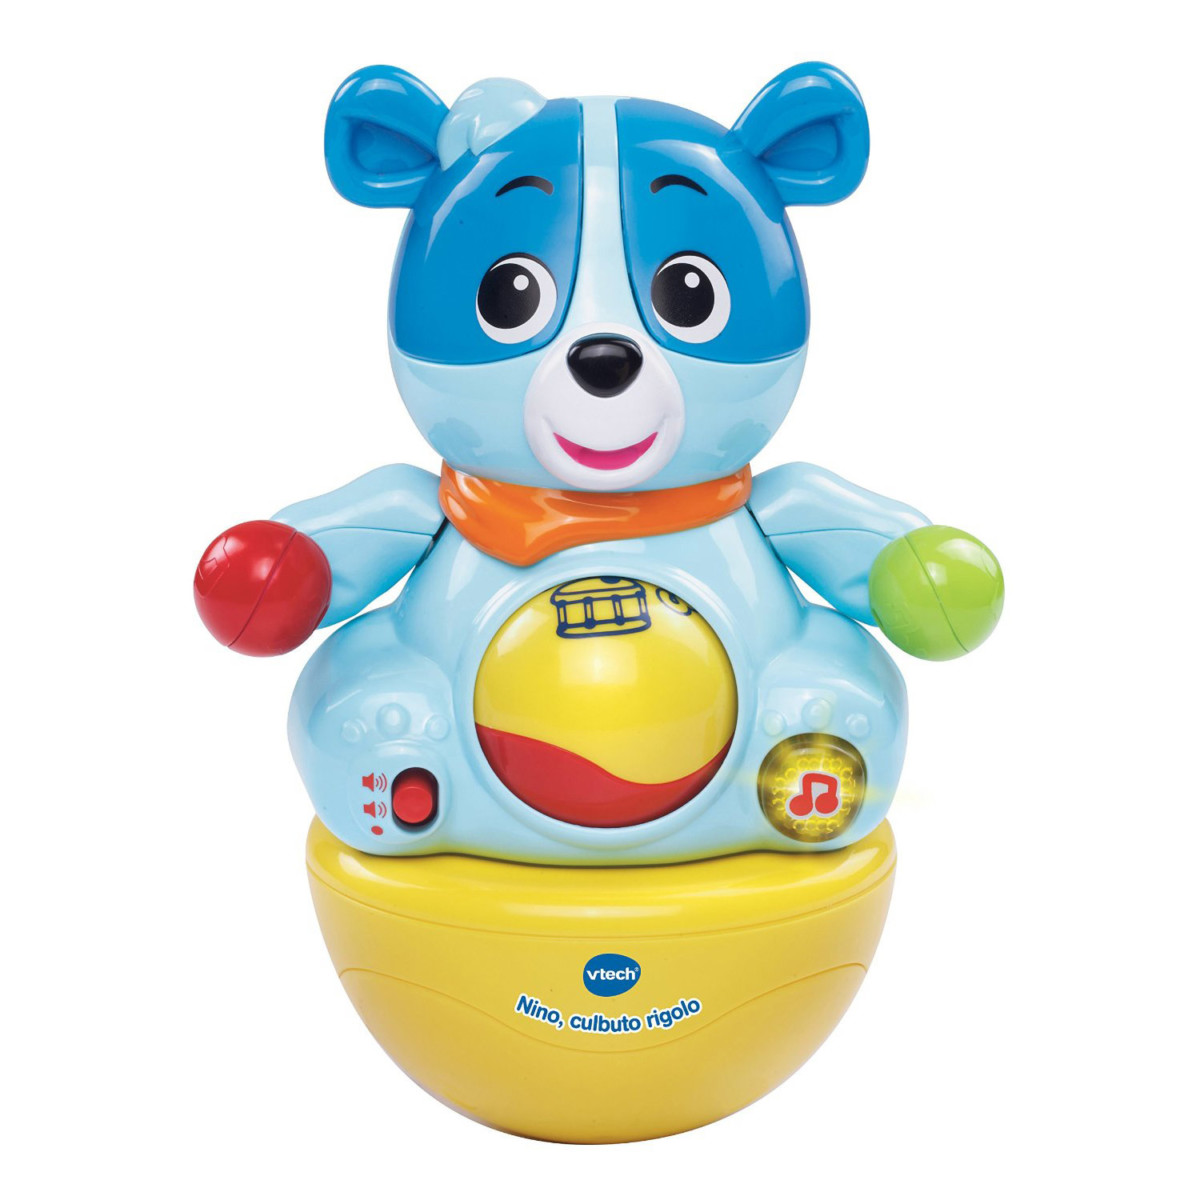 Nino culbuto rigolo de Vtech Baby, Autres jouets d'éveil : Aubert